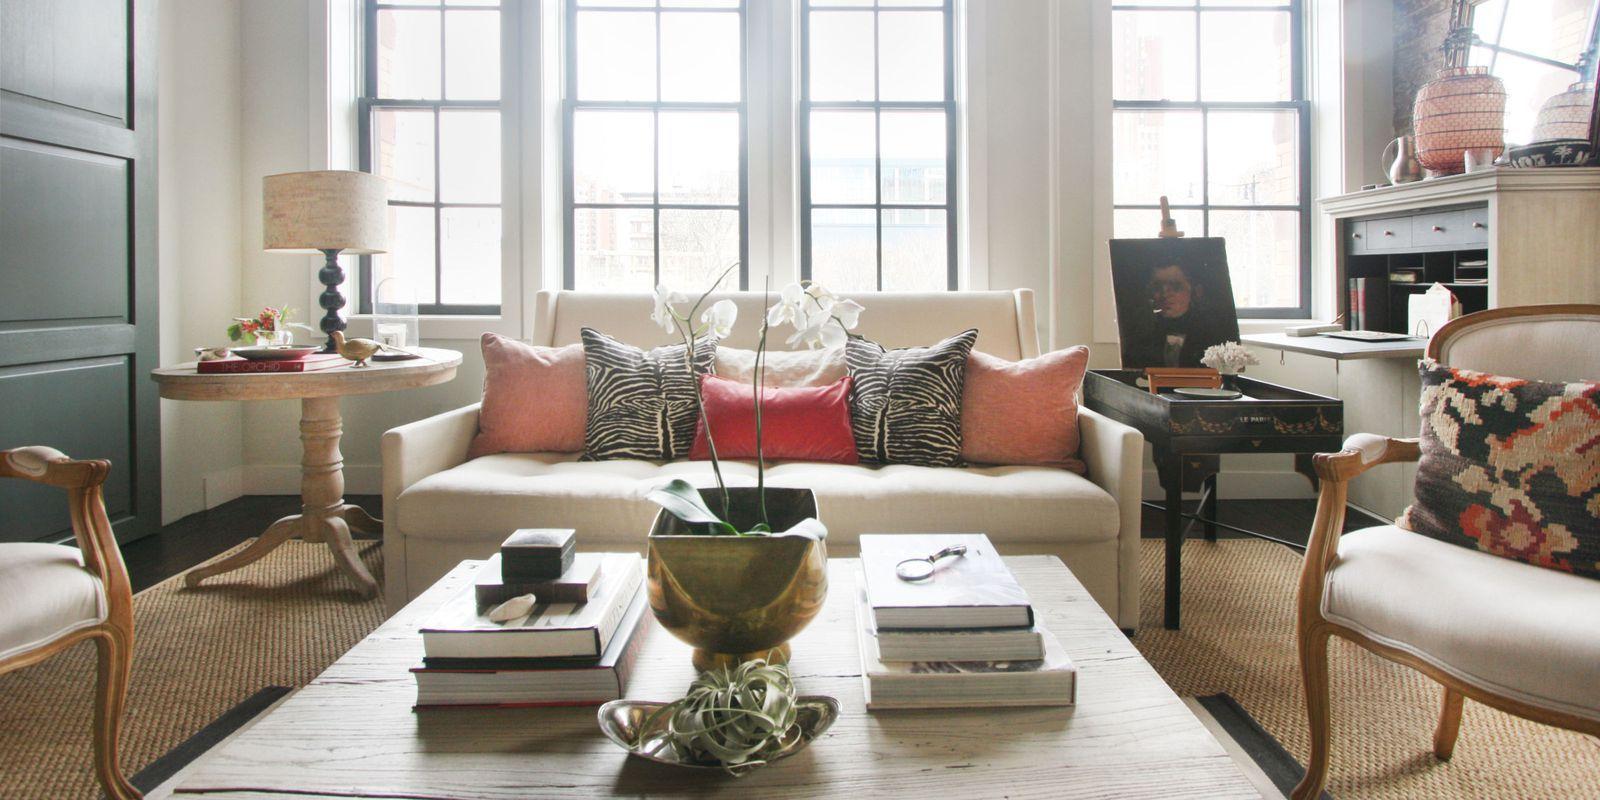 HOUSE TOUR: An Airy Manhattan Loft As Fashionable As Its ...